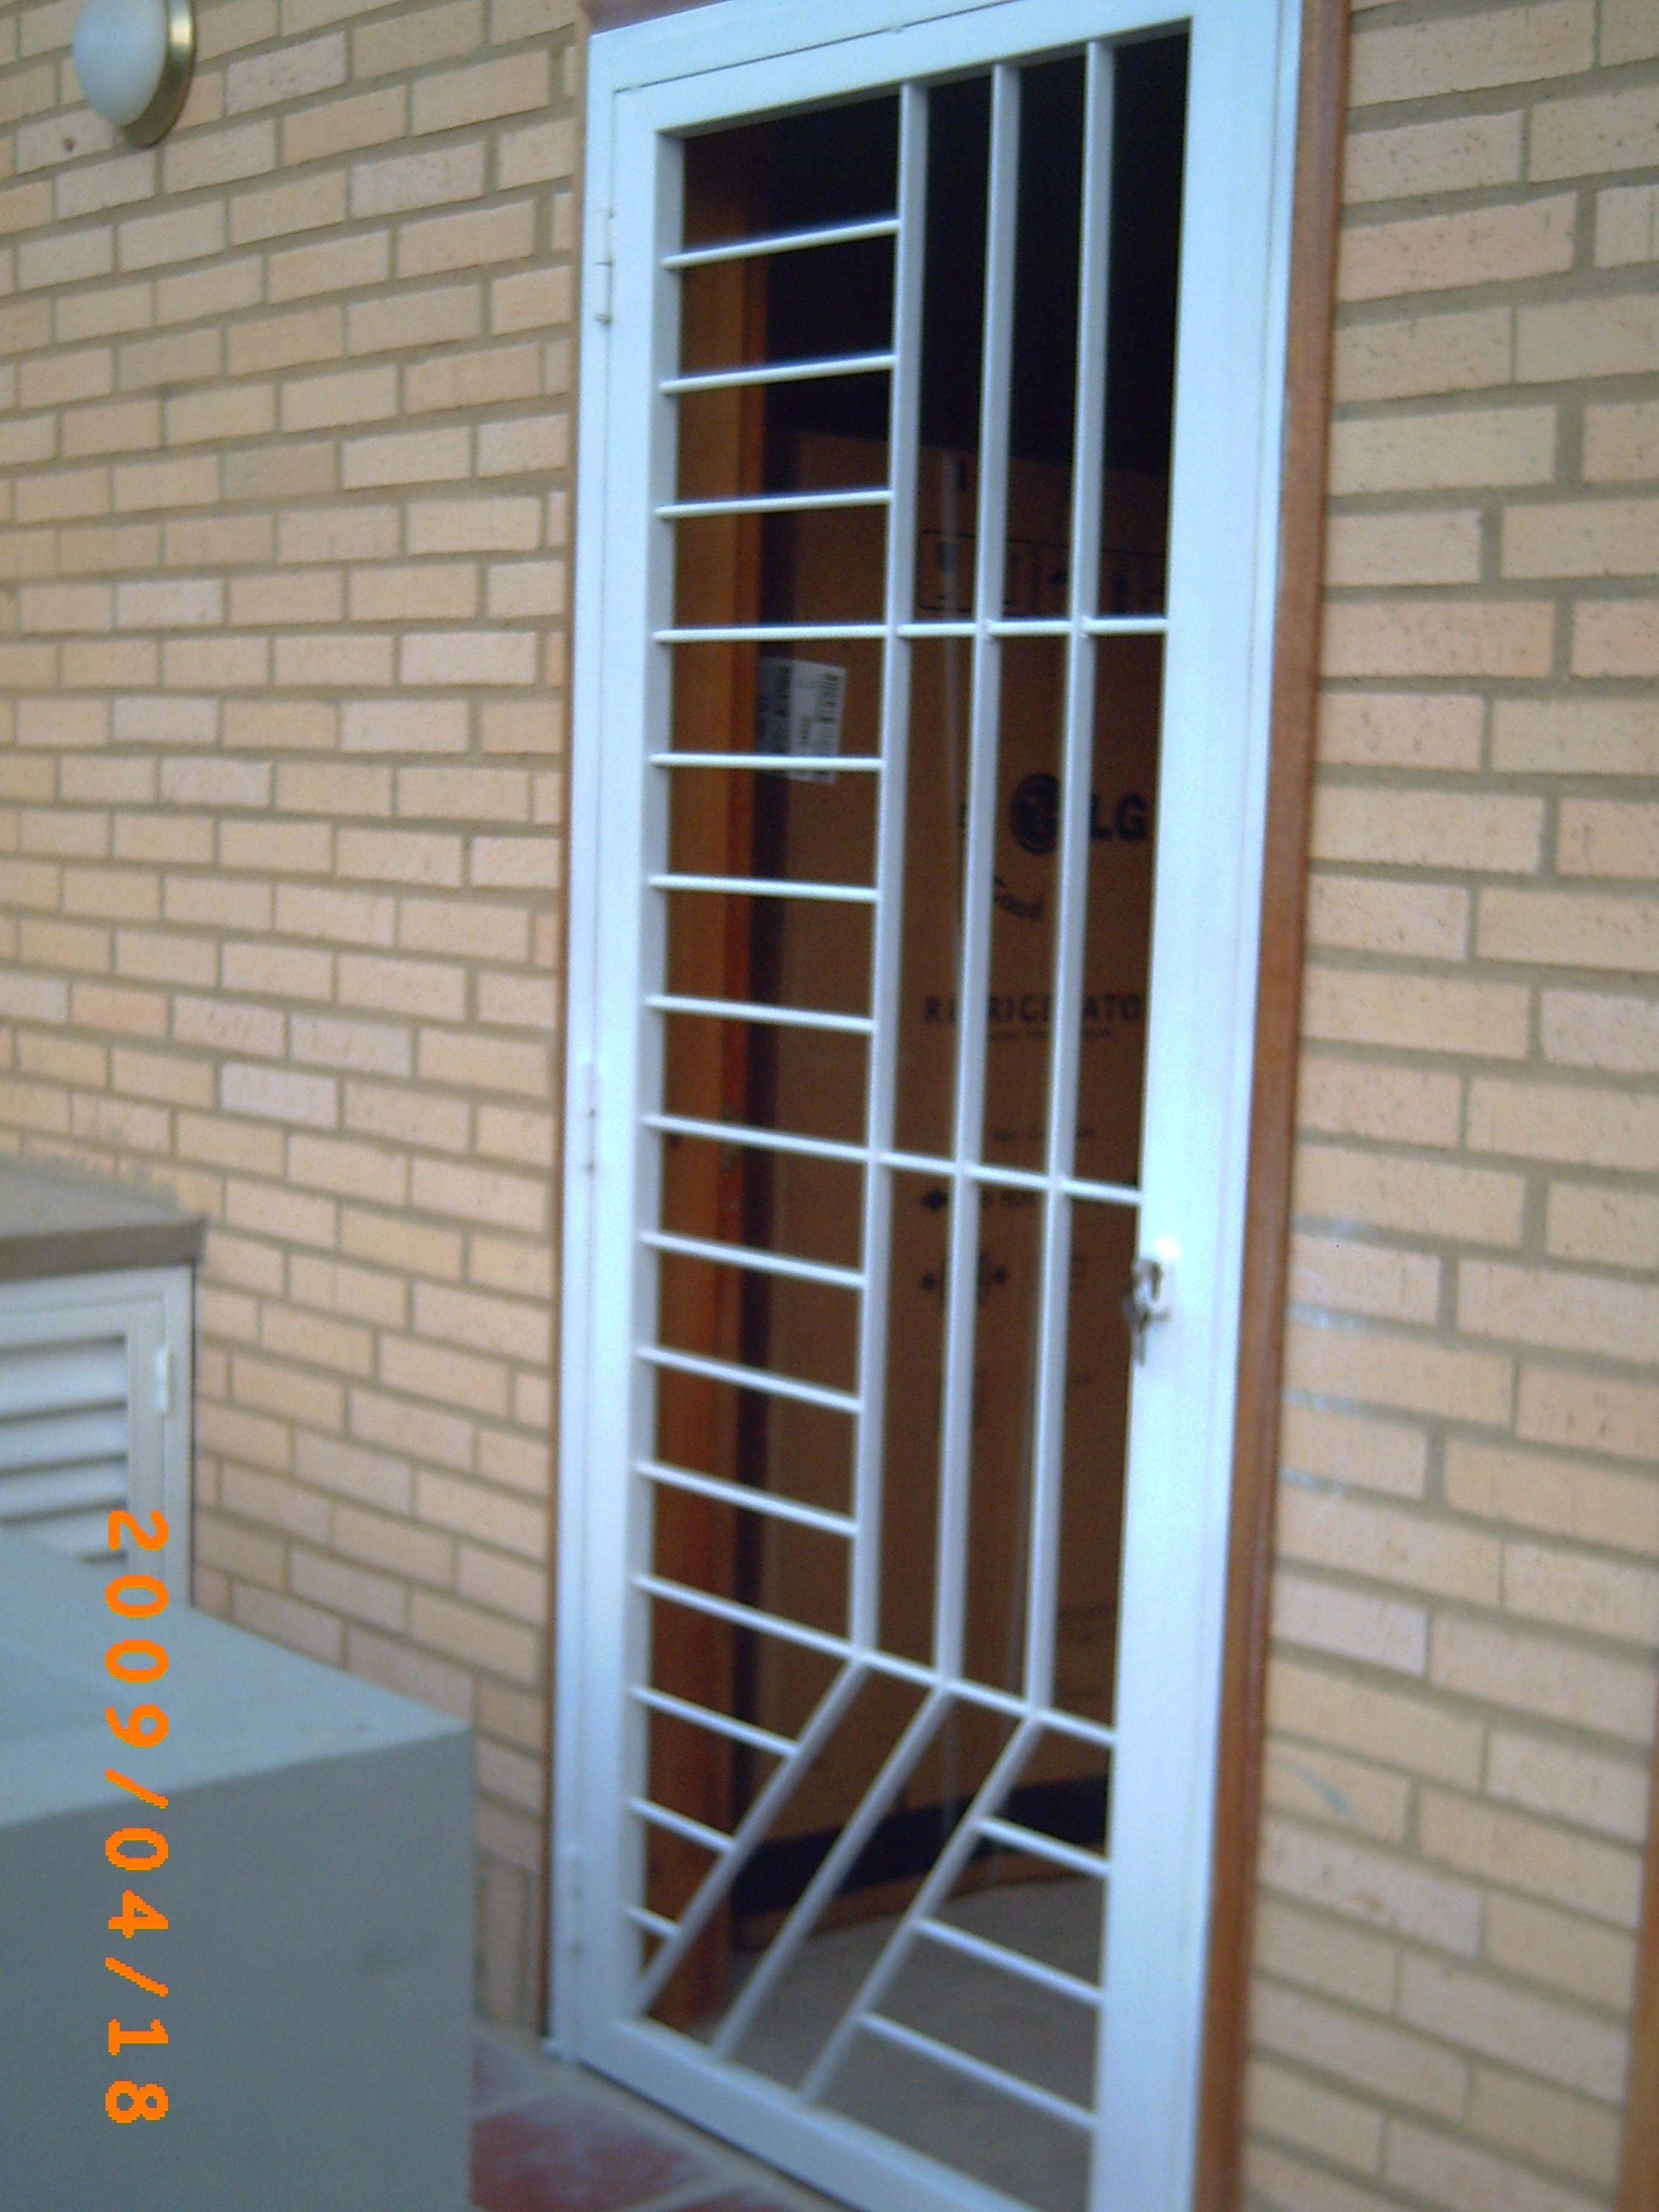 Reja protectora decorativa decoracion pinterest puertas puerta reja y puertas herreria - Rejas correderas para puertas ...